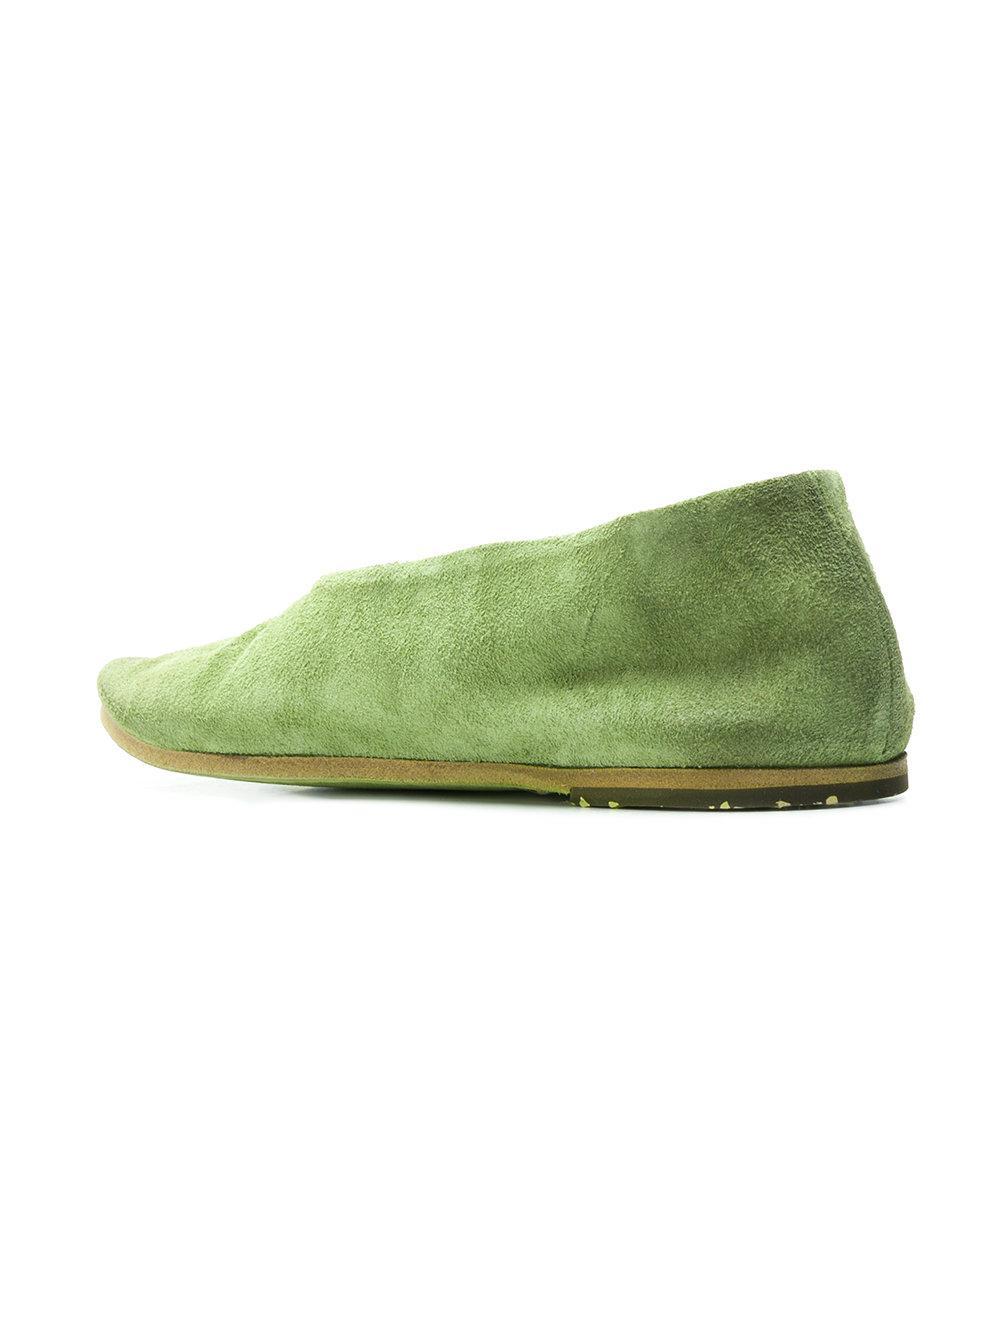 MARSèLL Smooth ballerina shoes UUwWye